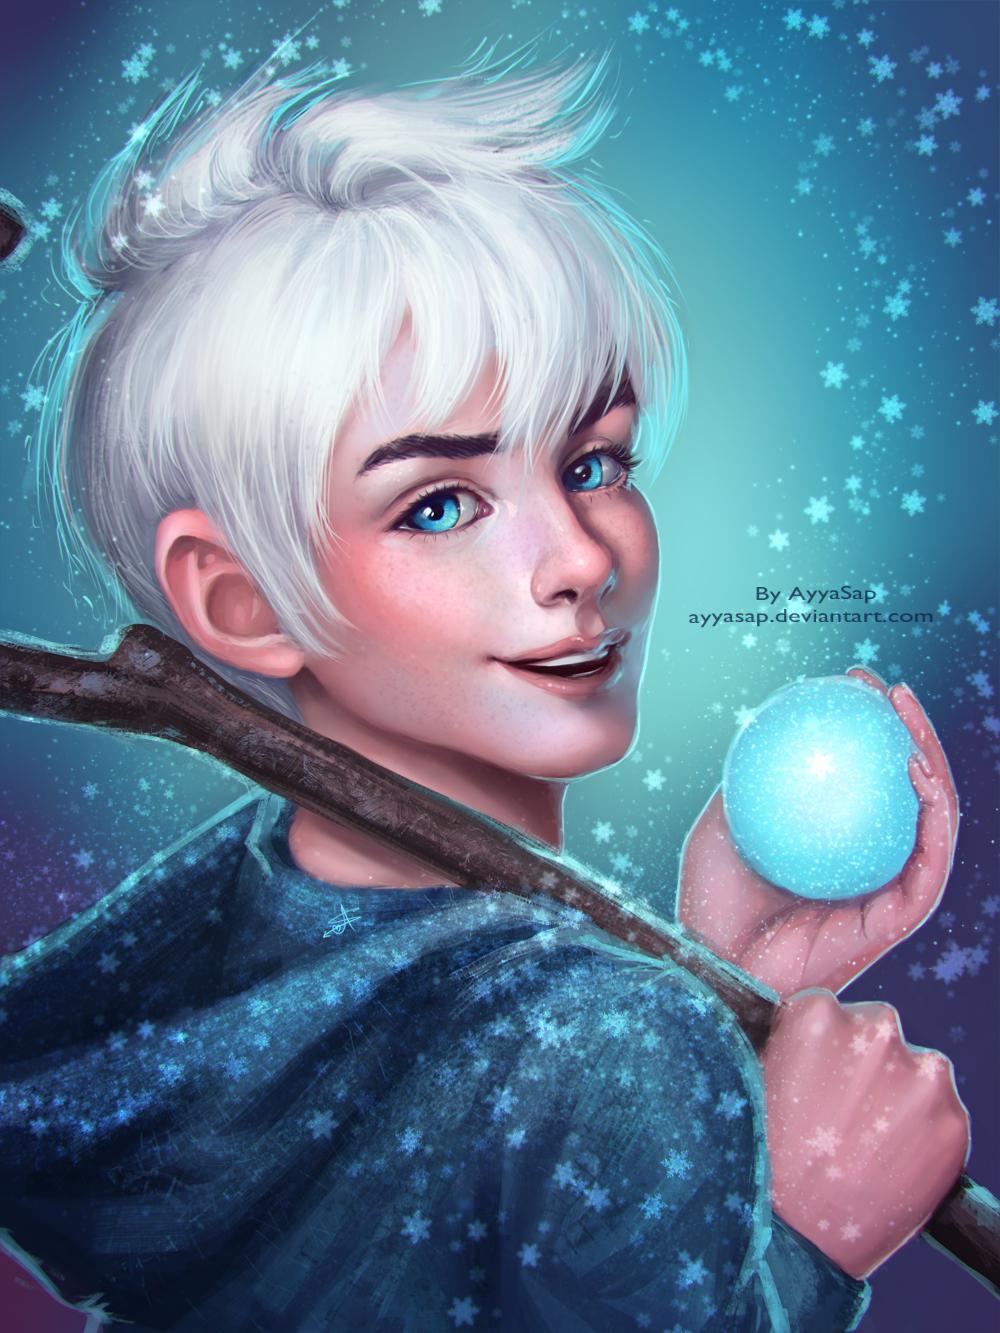 Jack Frost by AyyaSap